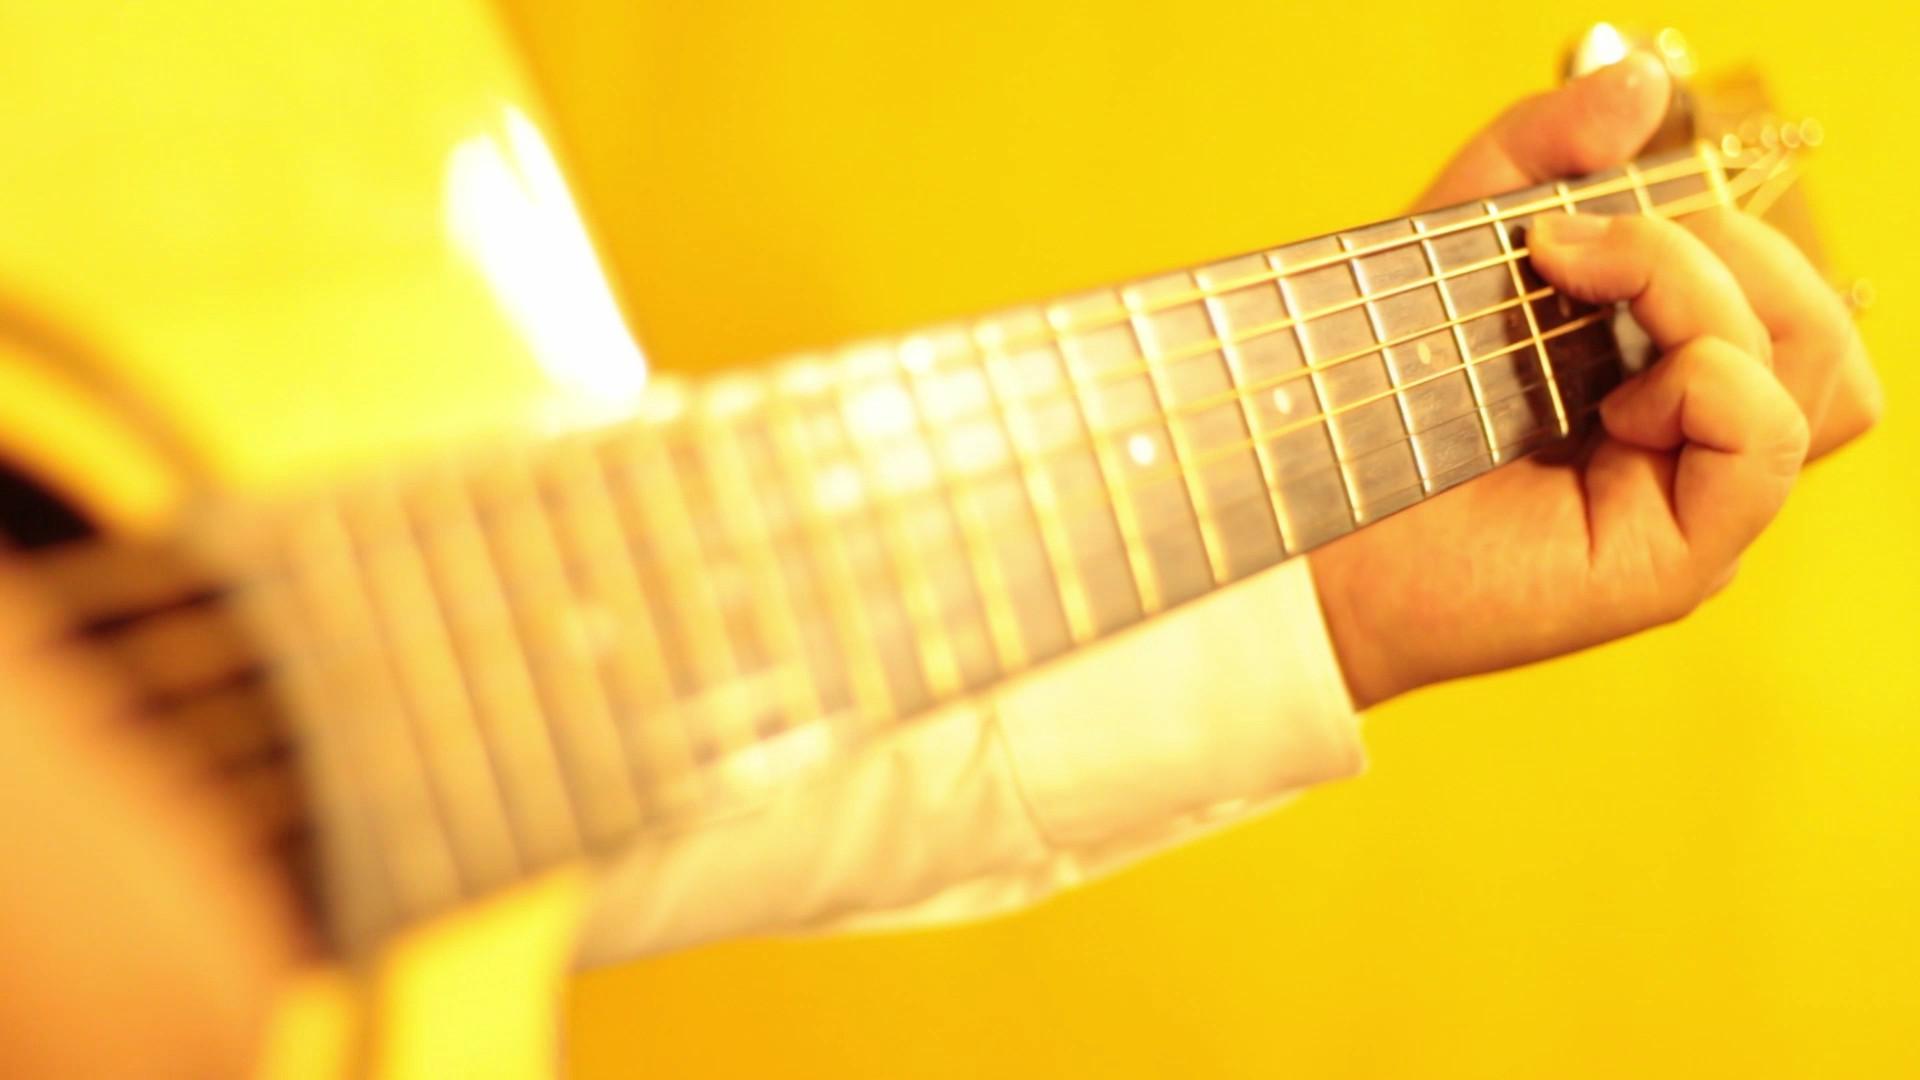 【指弹吉他作品】钟铭城-《月亮代表我的心》《朋友》《童趣》432hz版,吉他:钟铭城